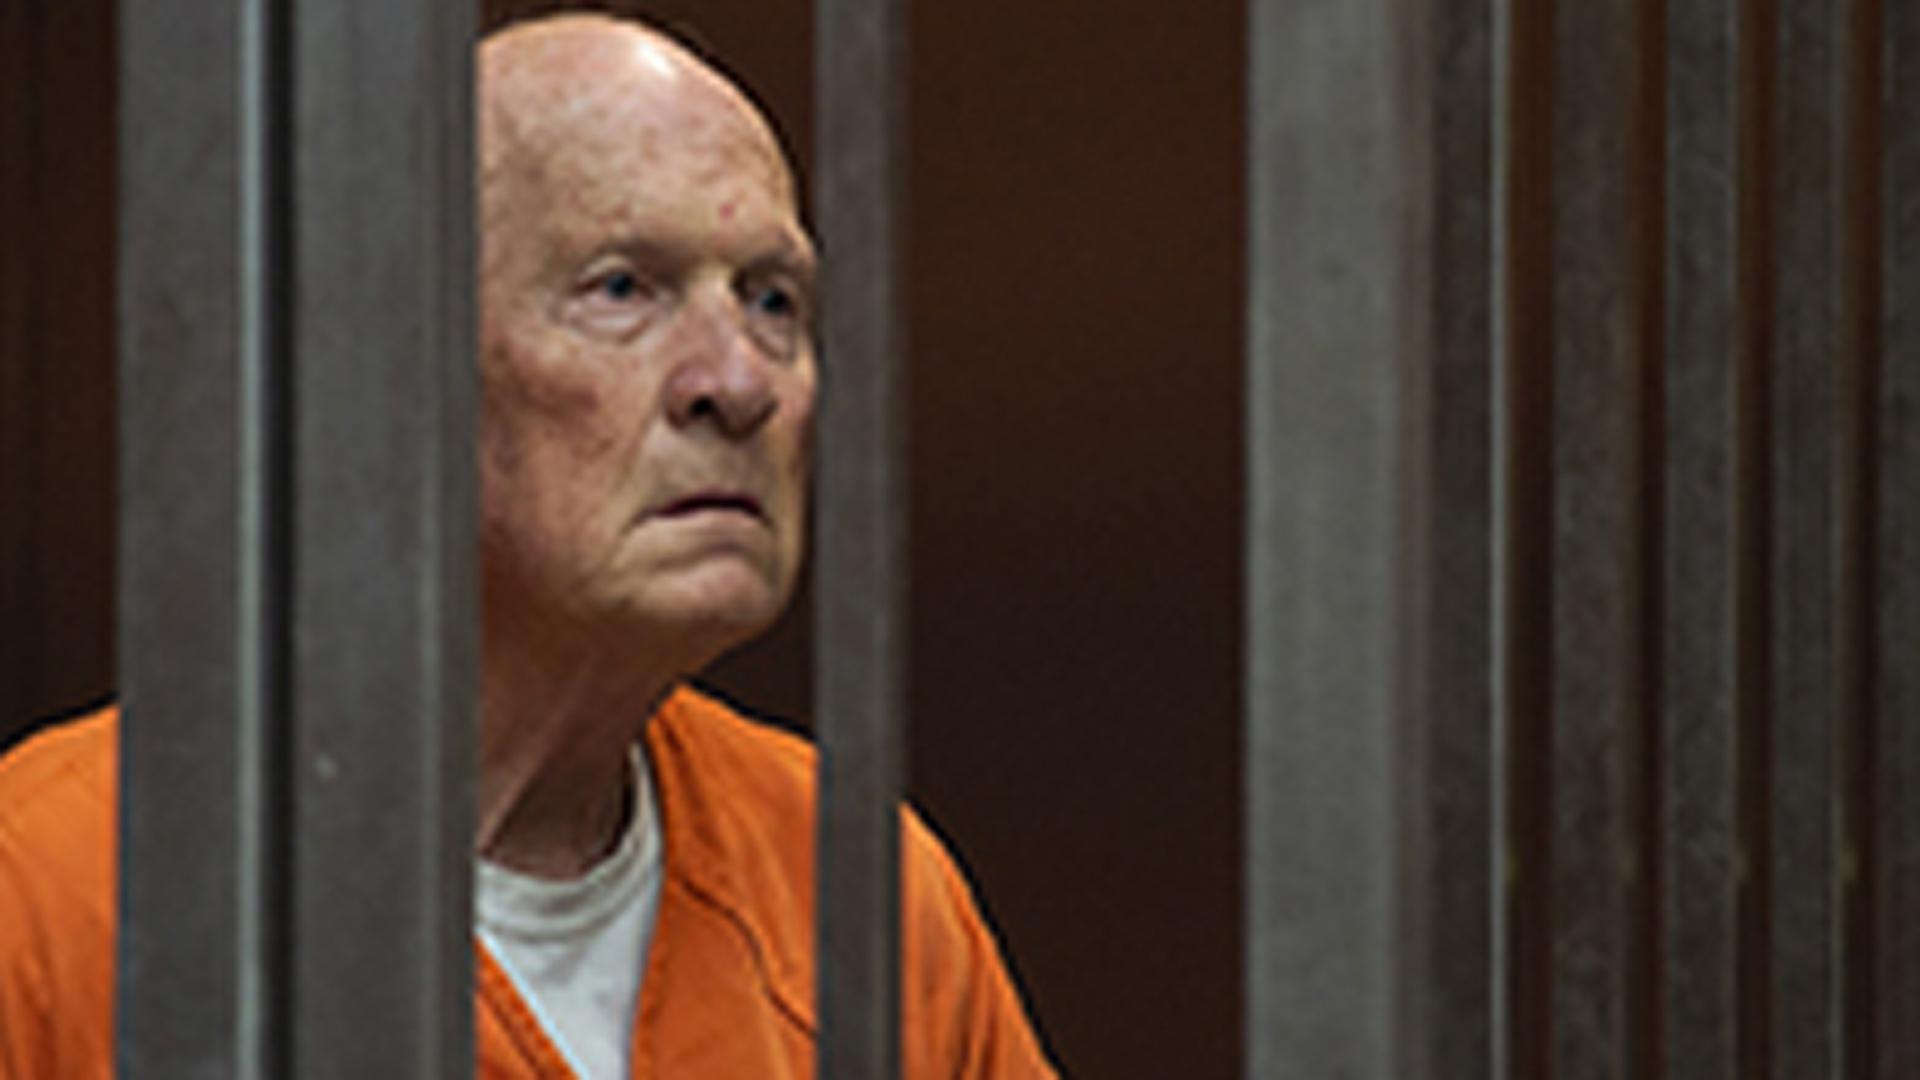 El asesino del Golden State terminó en prisión gracias a las nuevas técnicas genéticas